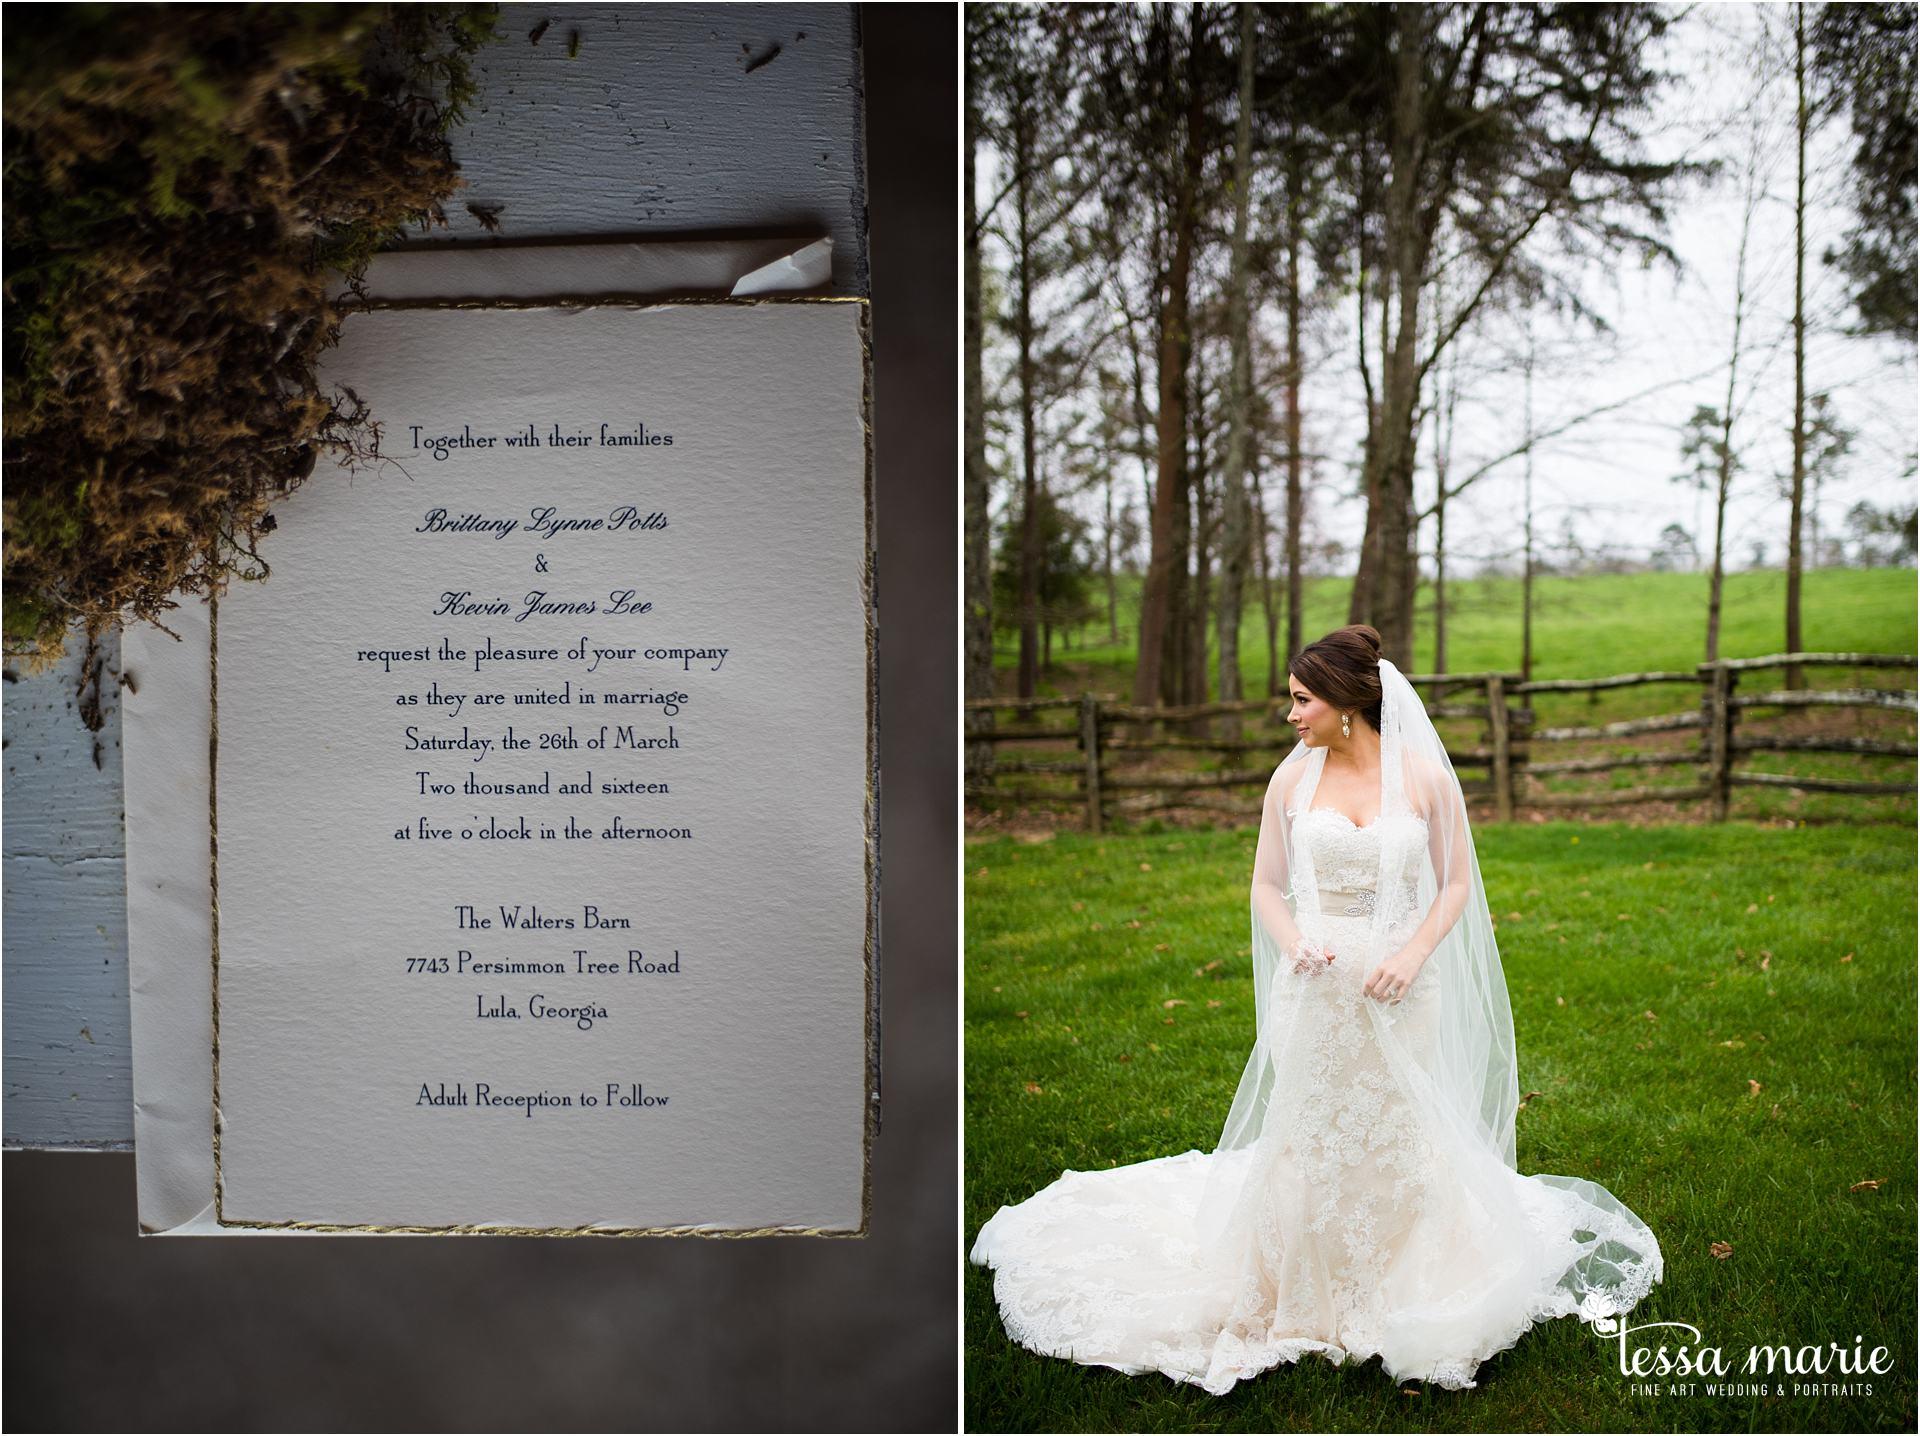 032216_brittany_kevin_wedding-29